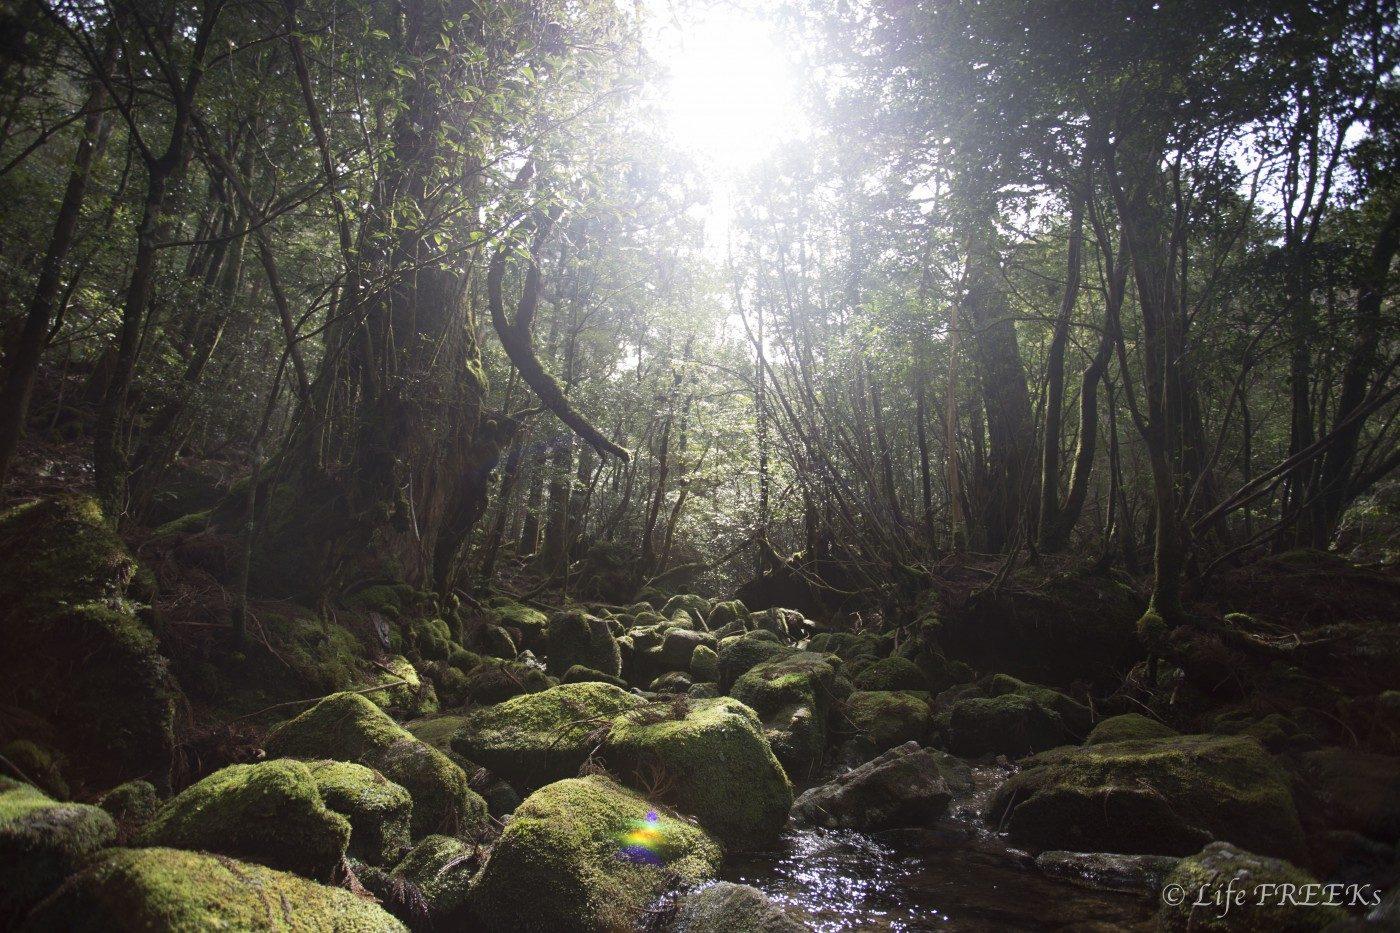 キャンプの魅力のひとつは自然にある。